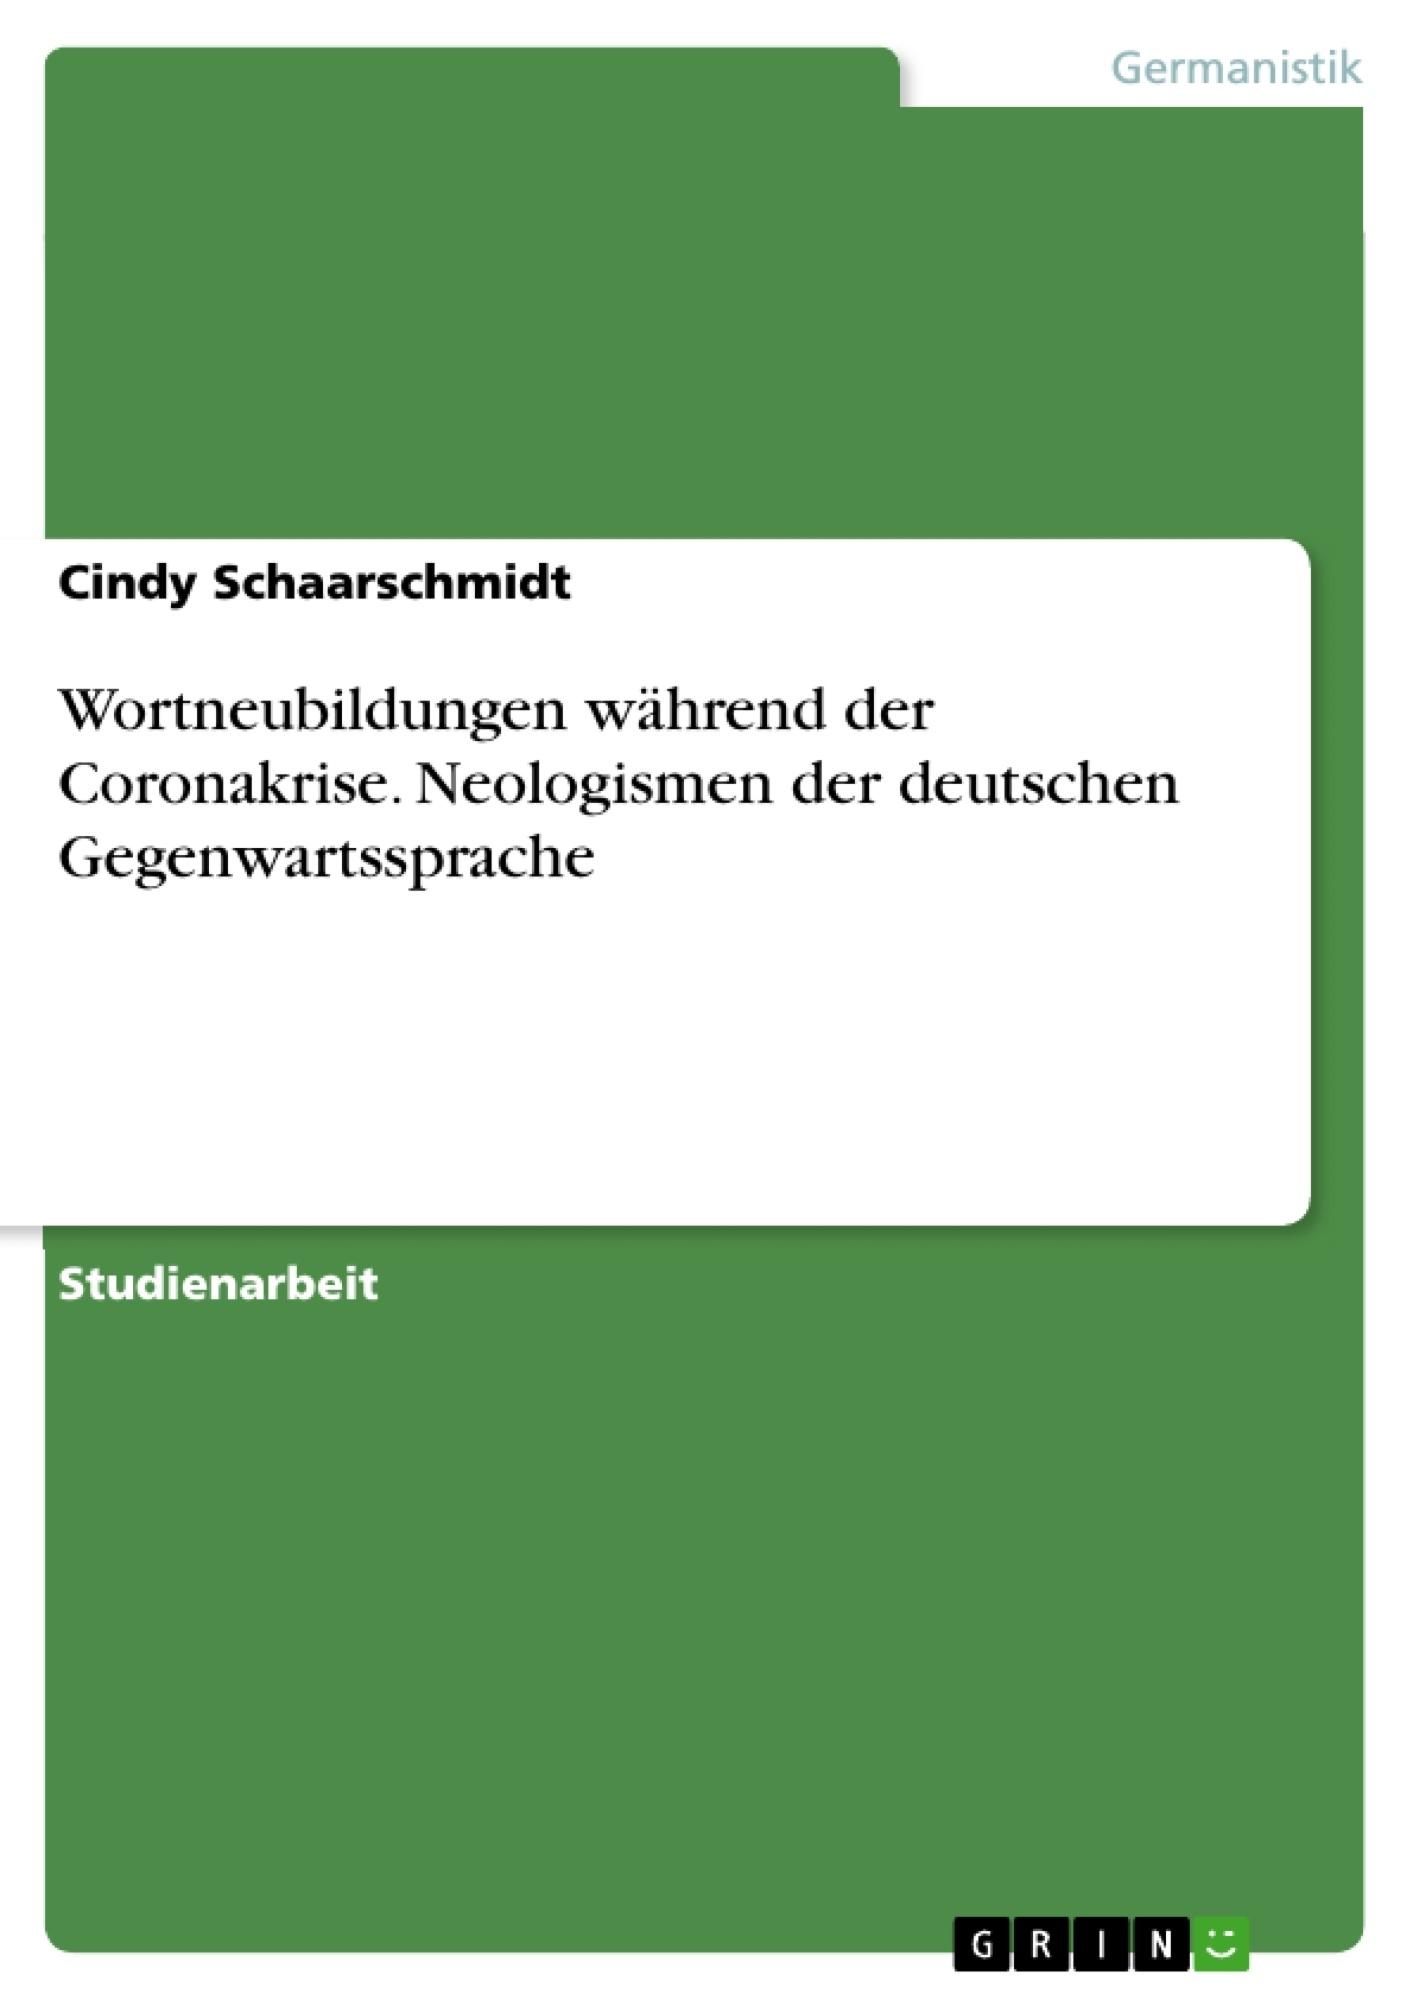 Titel: Wortneubildungen während der Coronakrise. Neologismen der deutschen Gegenwartssprache